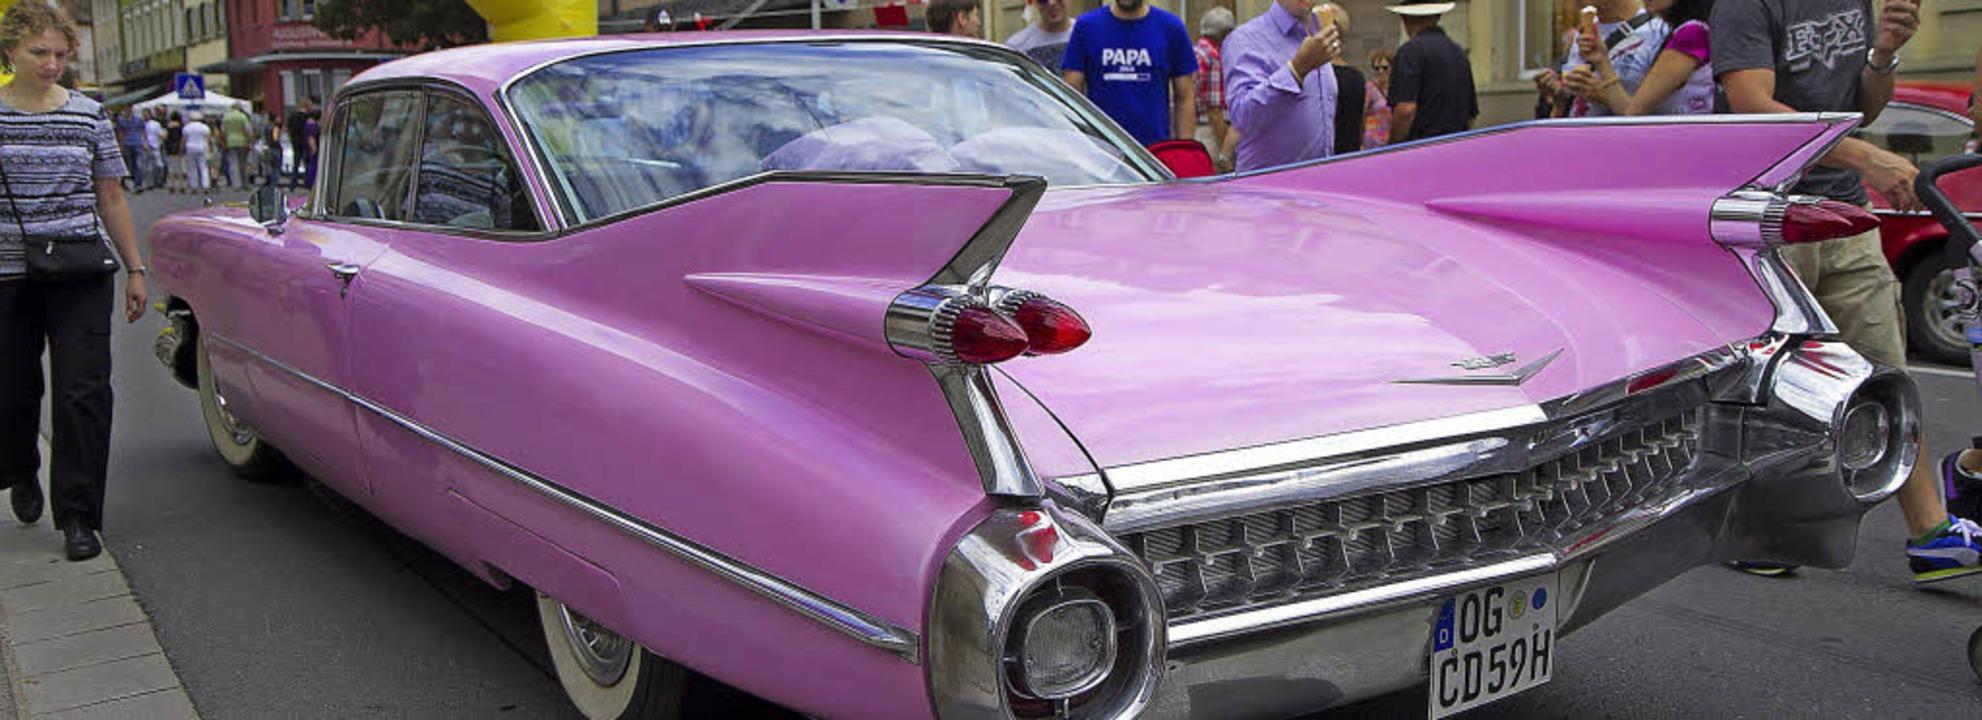 Vom protzigen amerikanischen Straßenkreuzer Cadillac in Pink. ..     | Foto: Daniel Fleig